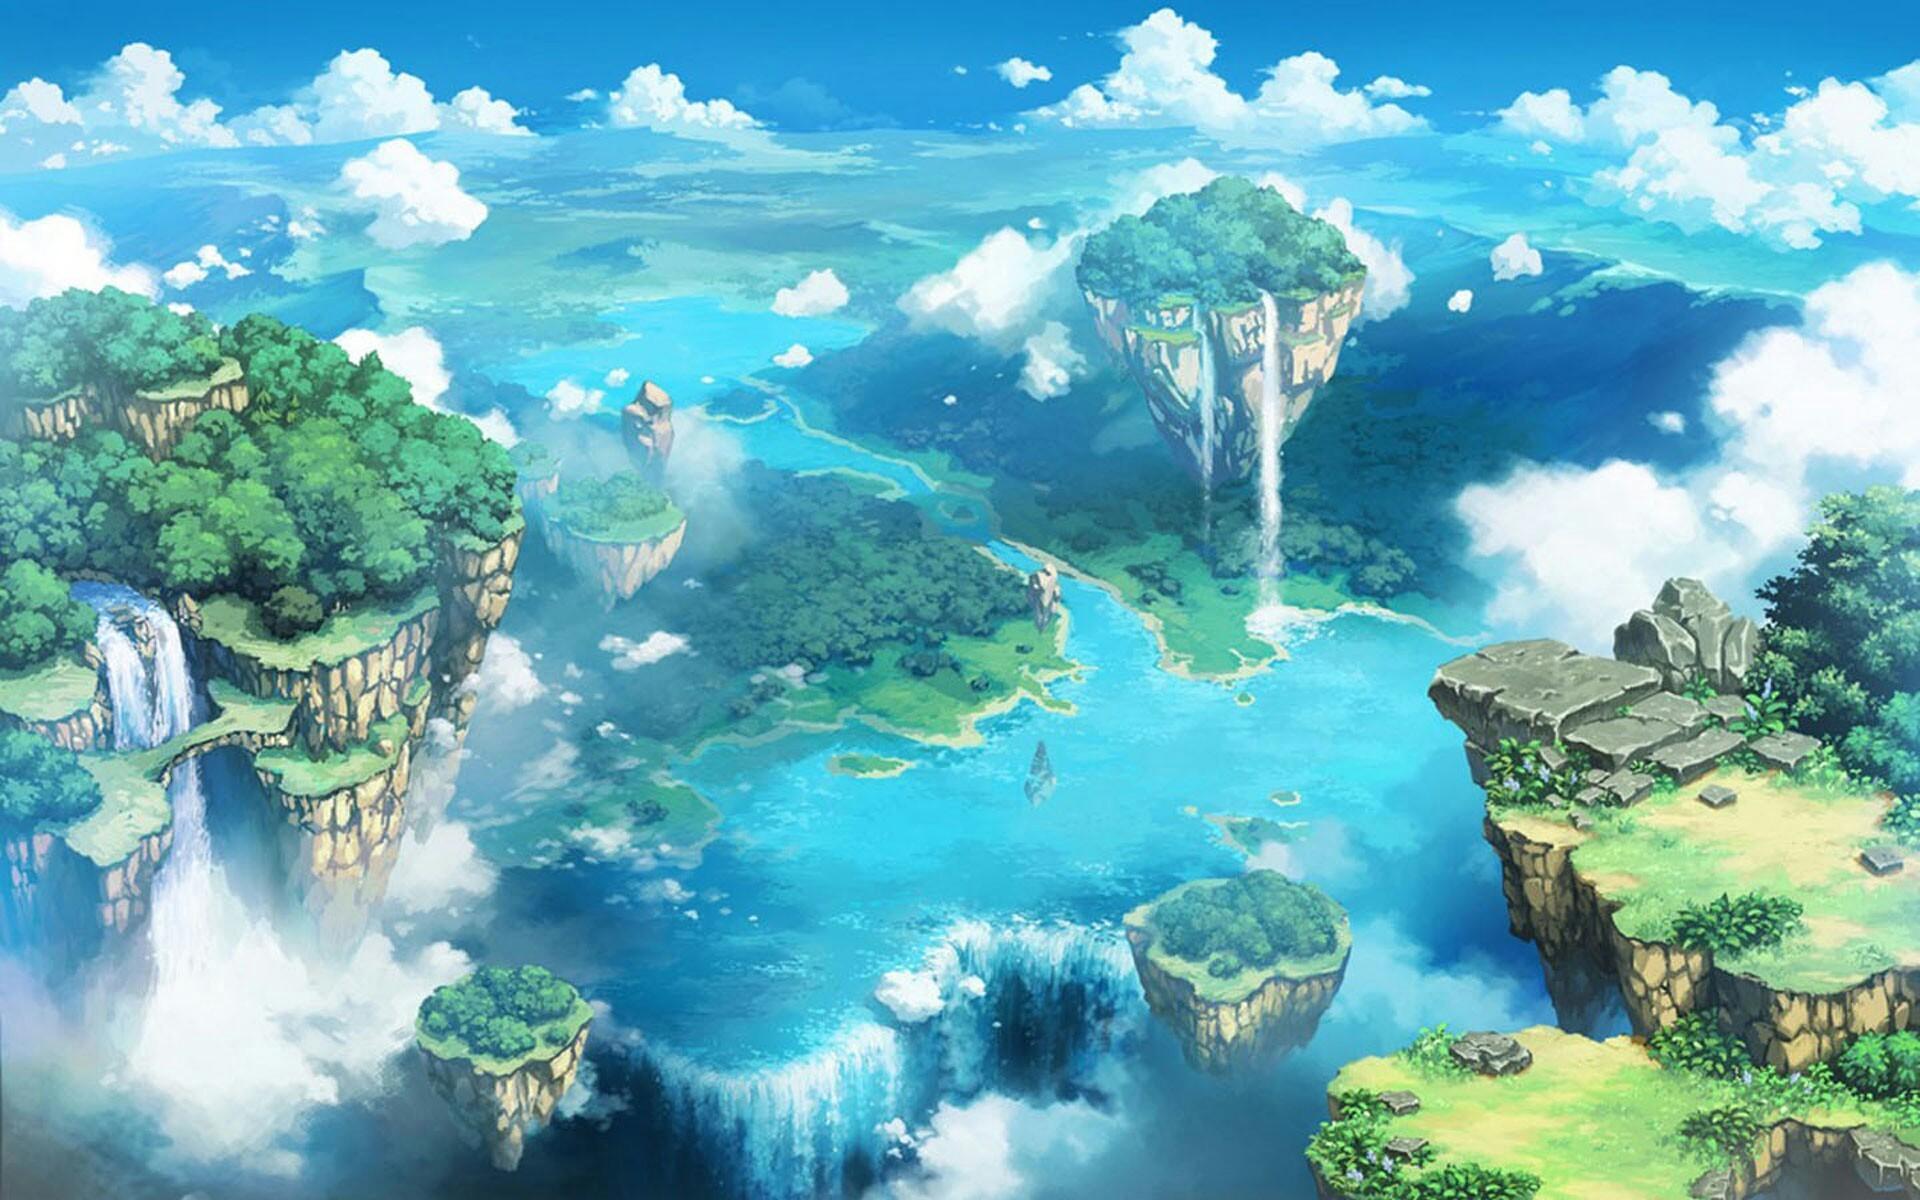 поделитесь сад в облаках картинки расположены